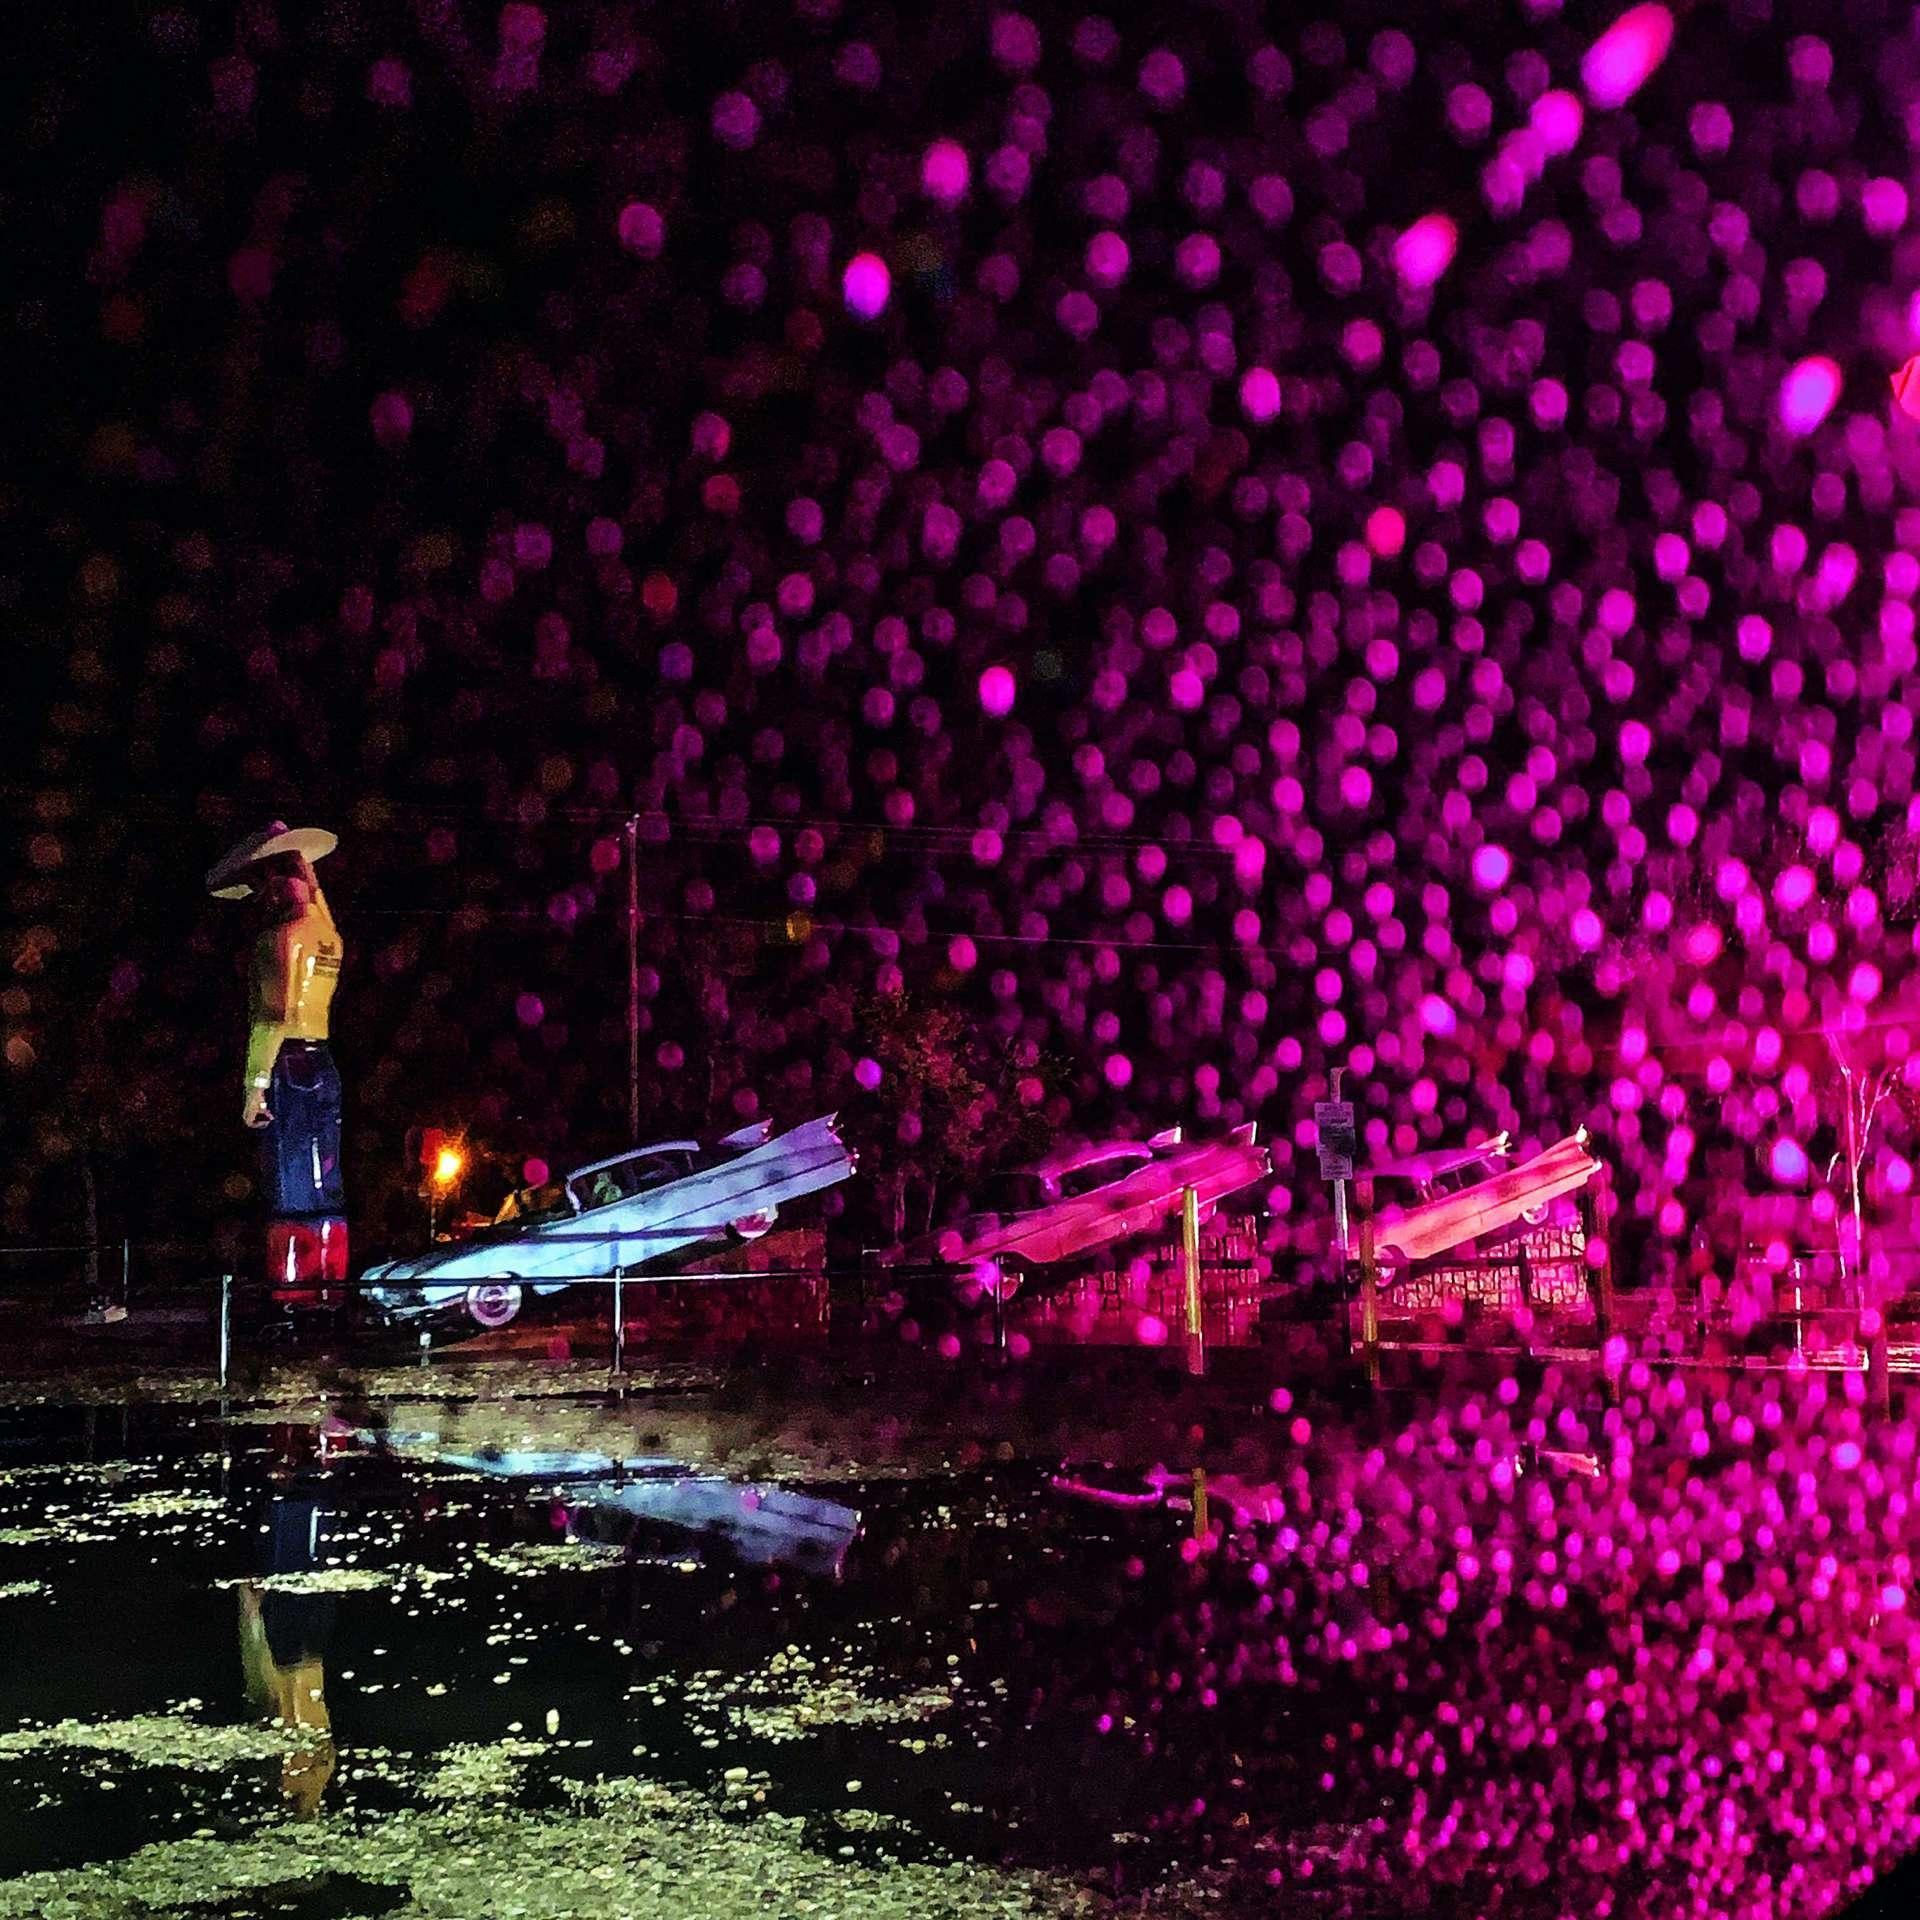 在德州阿馬立羅市凱迪拉克休閒露營車公園裡,尾鰭般的汽車後擋泥板指向落雨的天空。過去一個世紀以來,汽車一直是美國的一個象徵。然而,隨著全球遠超過10億輛汽車不斷加劇氣候變遷,也到了重新檢視內燃機引擎的時候。PHOTO: DAVID GUTTENFELDER